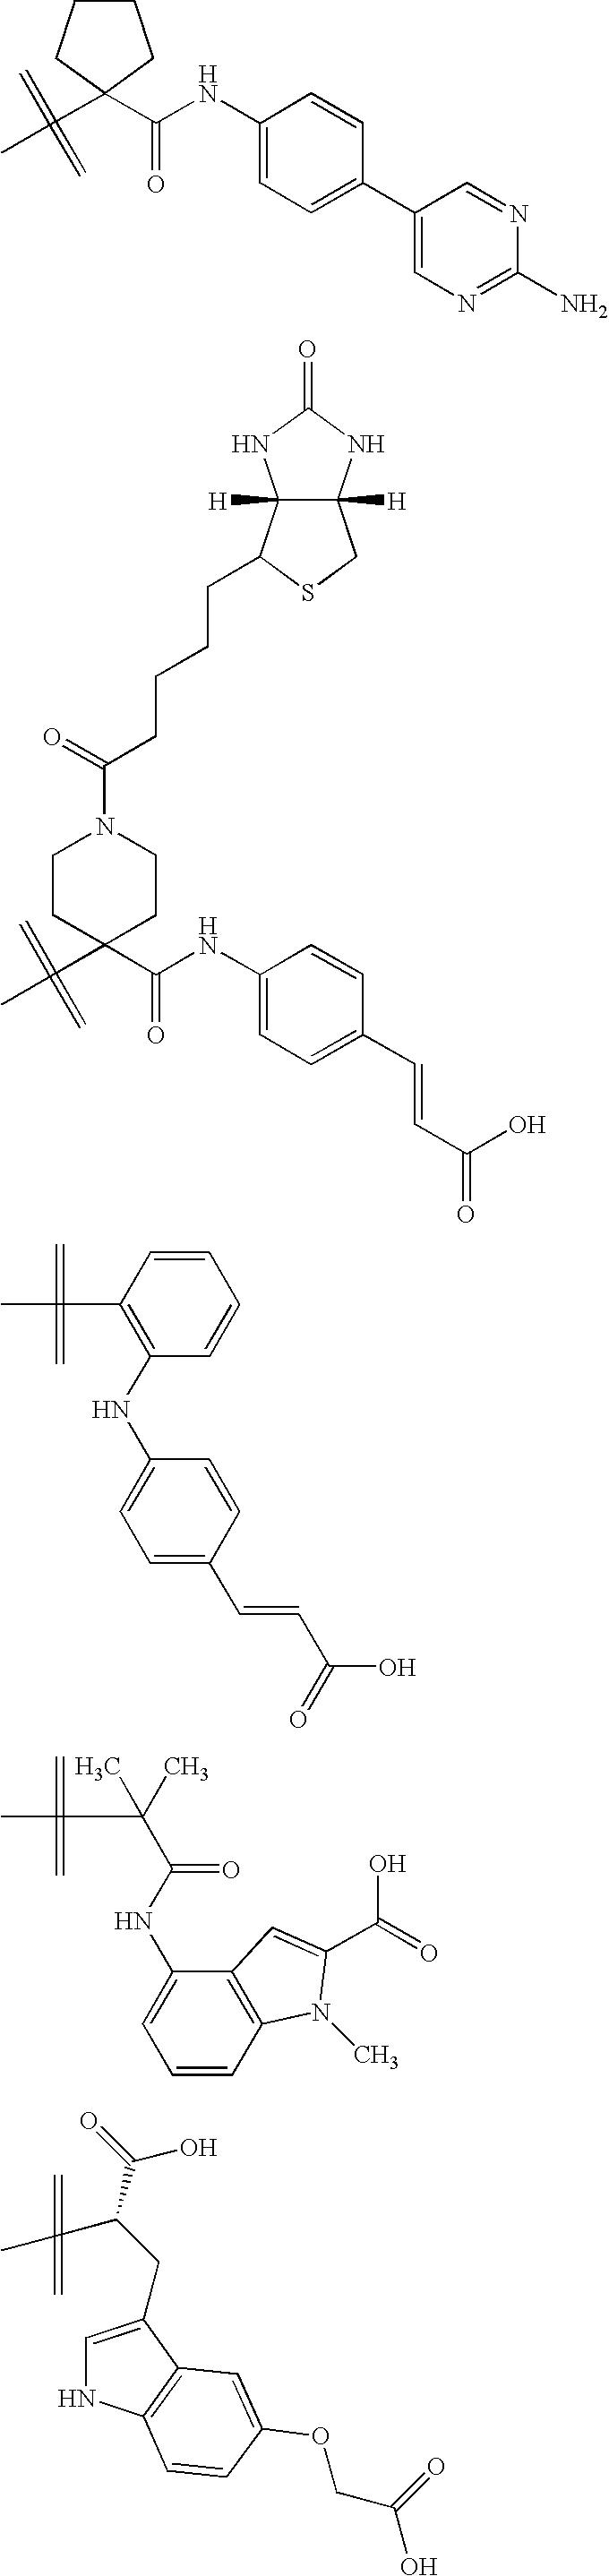 Figure US20070049593A1-20070301-C00150